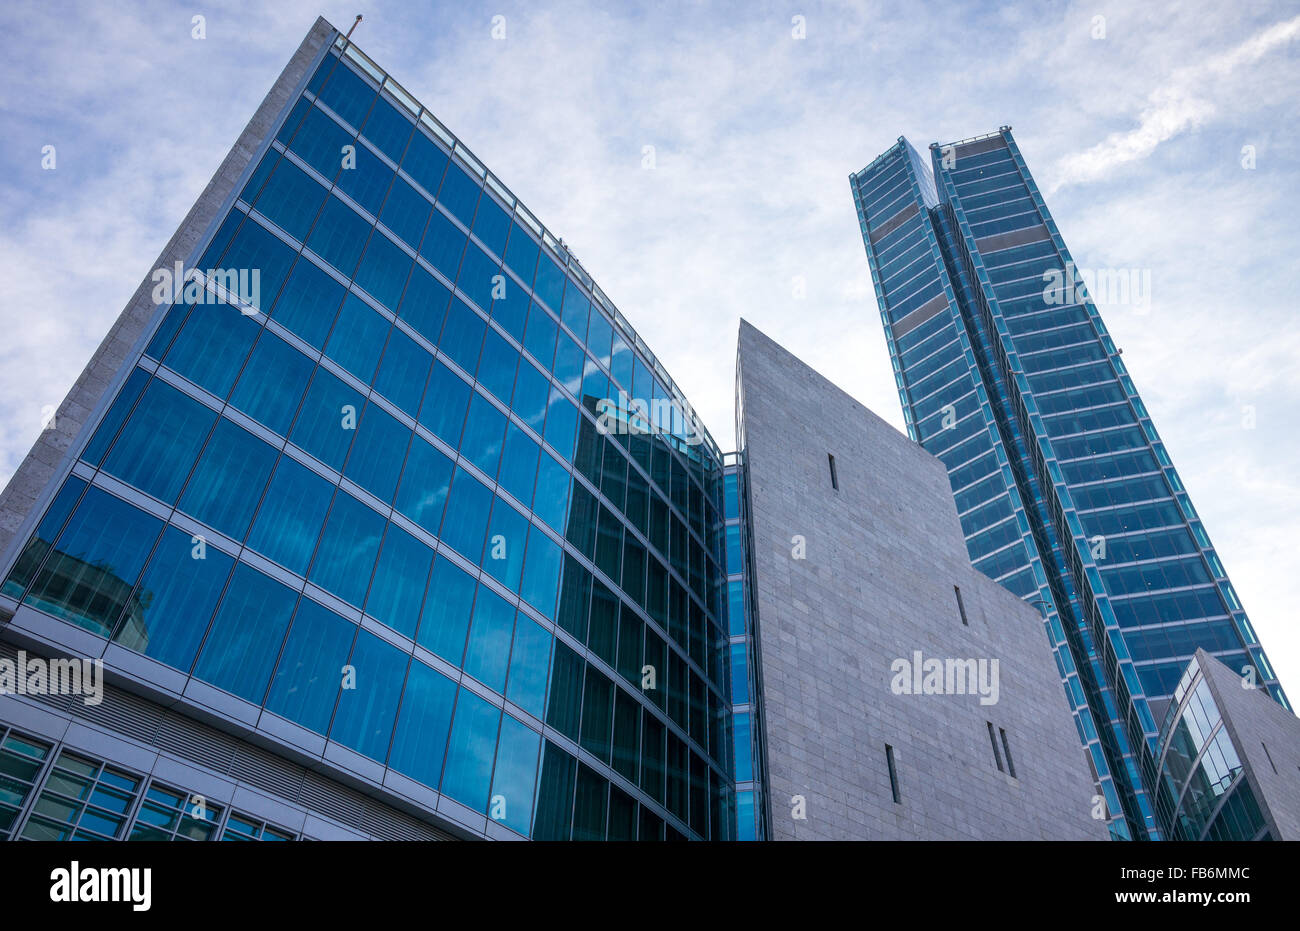 Italy, Milan, Porta Nuova, the Palazzo Lombardia Towers Stock Photo